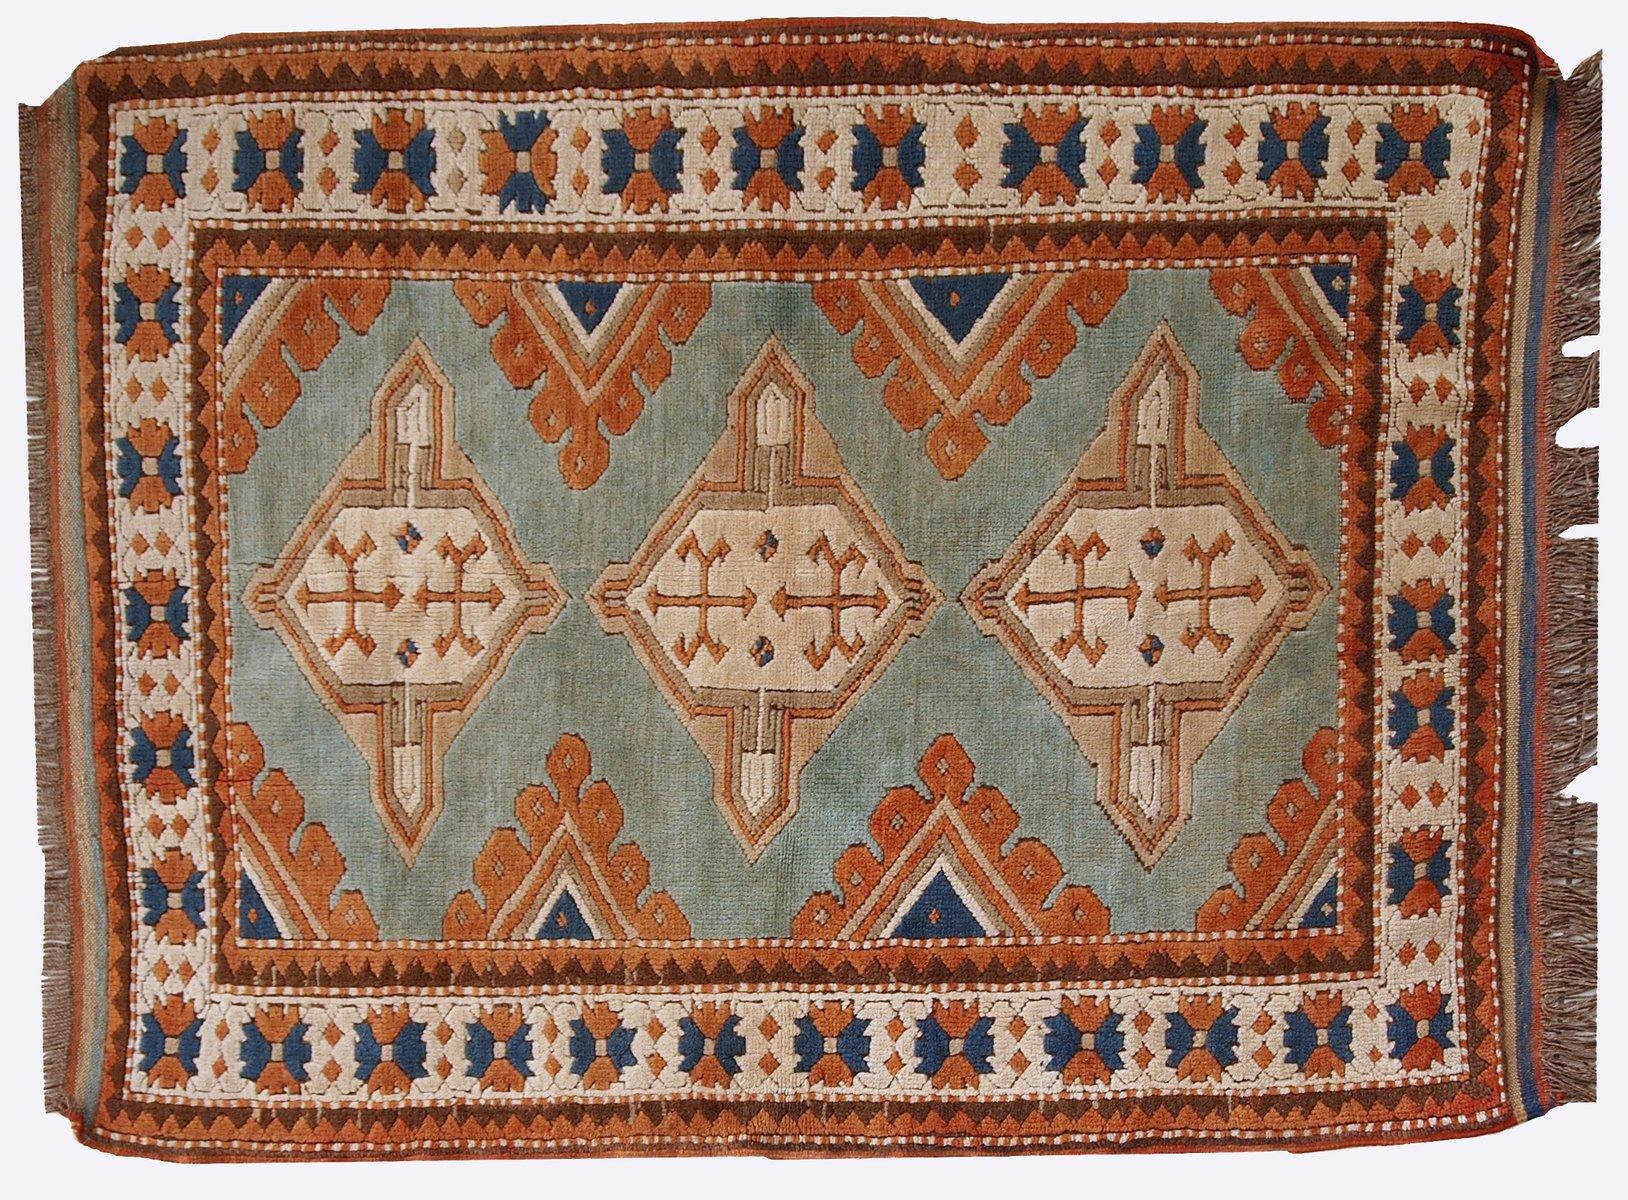 Russische Teppiche handgemachter russischer vintage kazak teppich 1970er bei pamono kaufen